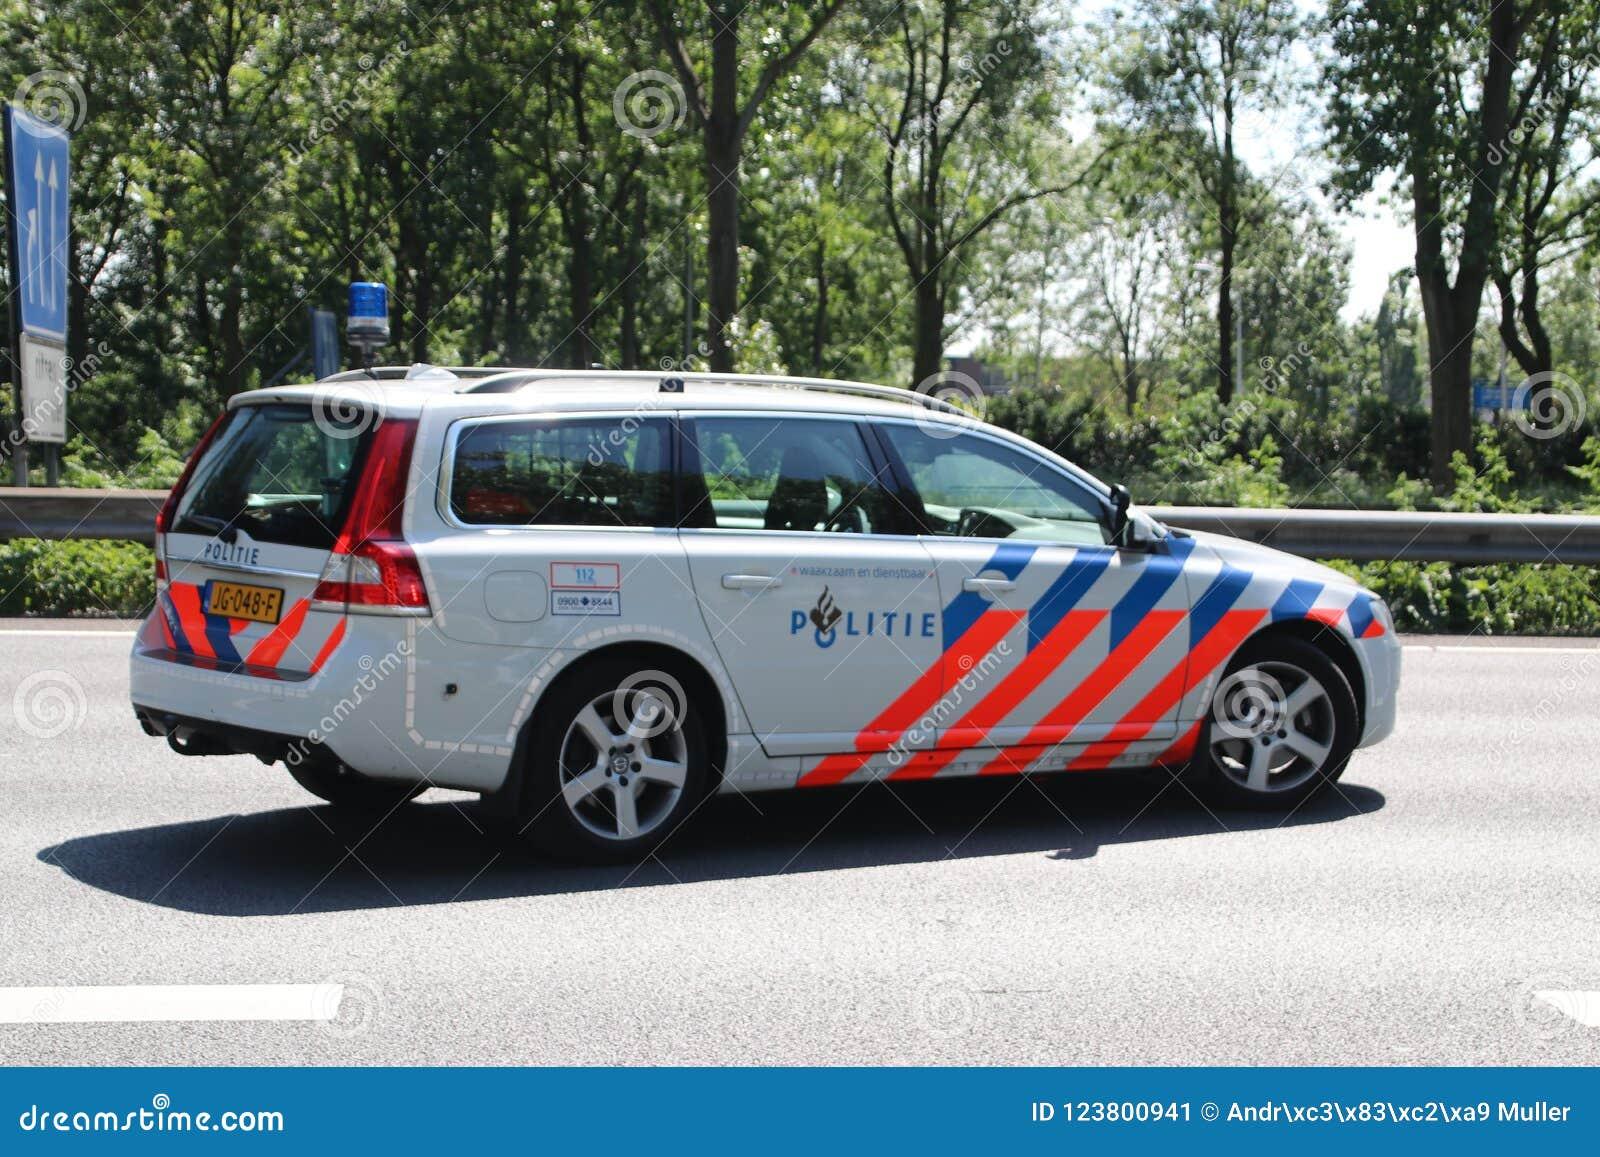 Police of highway patrol in action after collision on Motorway A20 at Nieuwerkerk aan den IJssel in the Netherlands